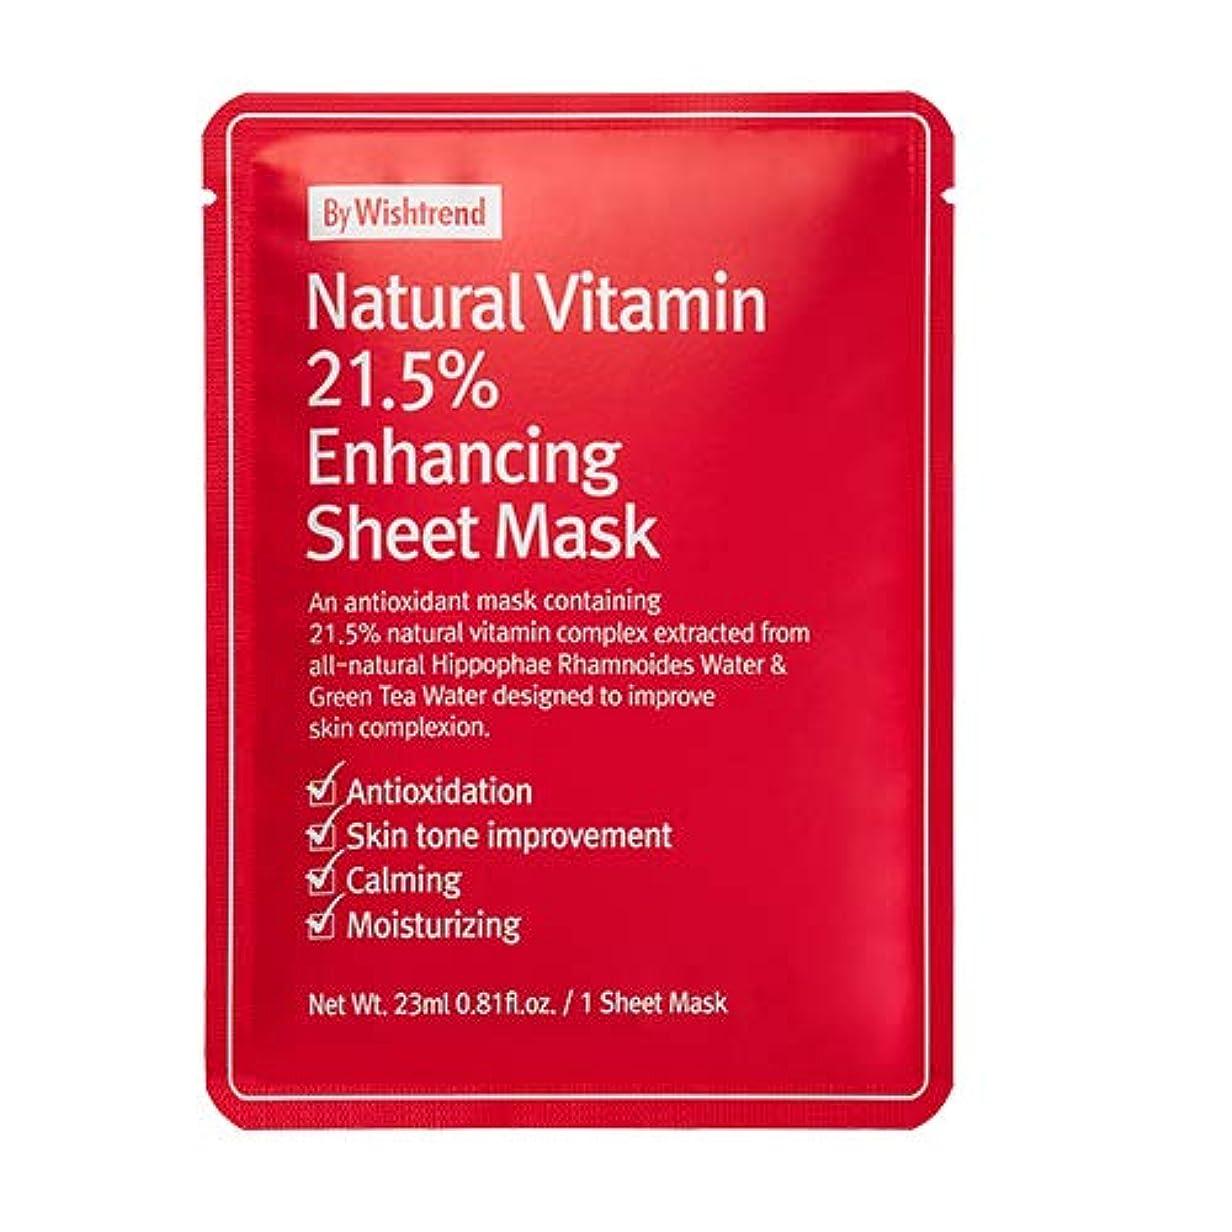 塩農場寛容[BY WISHTREND] ナチュラルビタミン21.5エンハンシング シートマスク 10シート, Natural Vitamin 21.5 Enhancing Mask 10 sheets [並行輸入品]